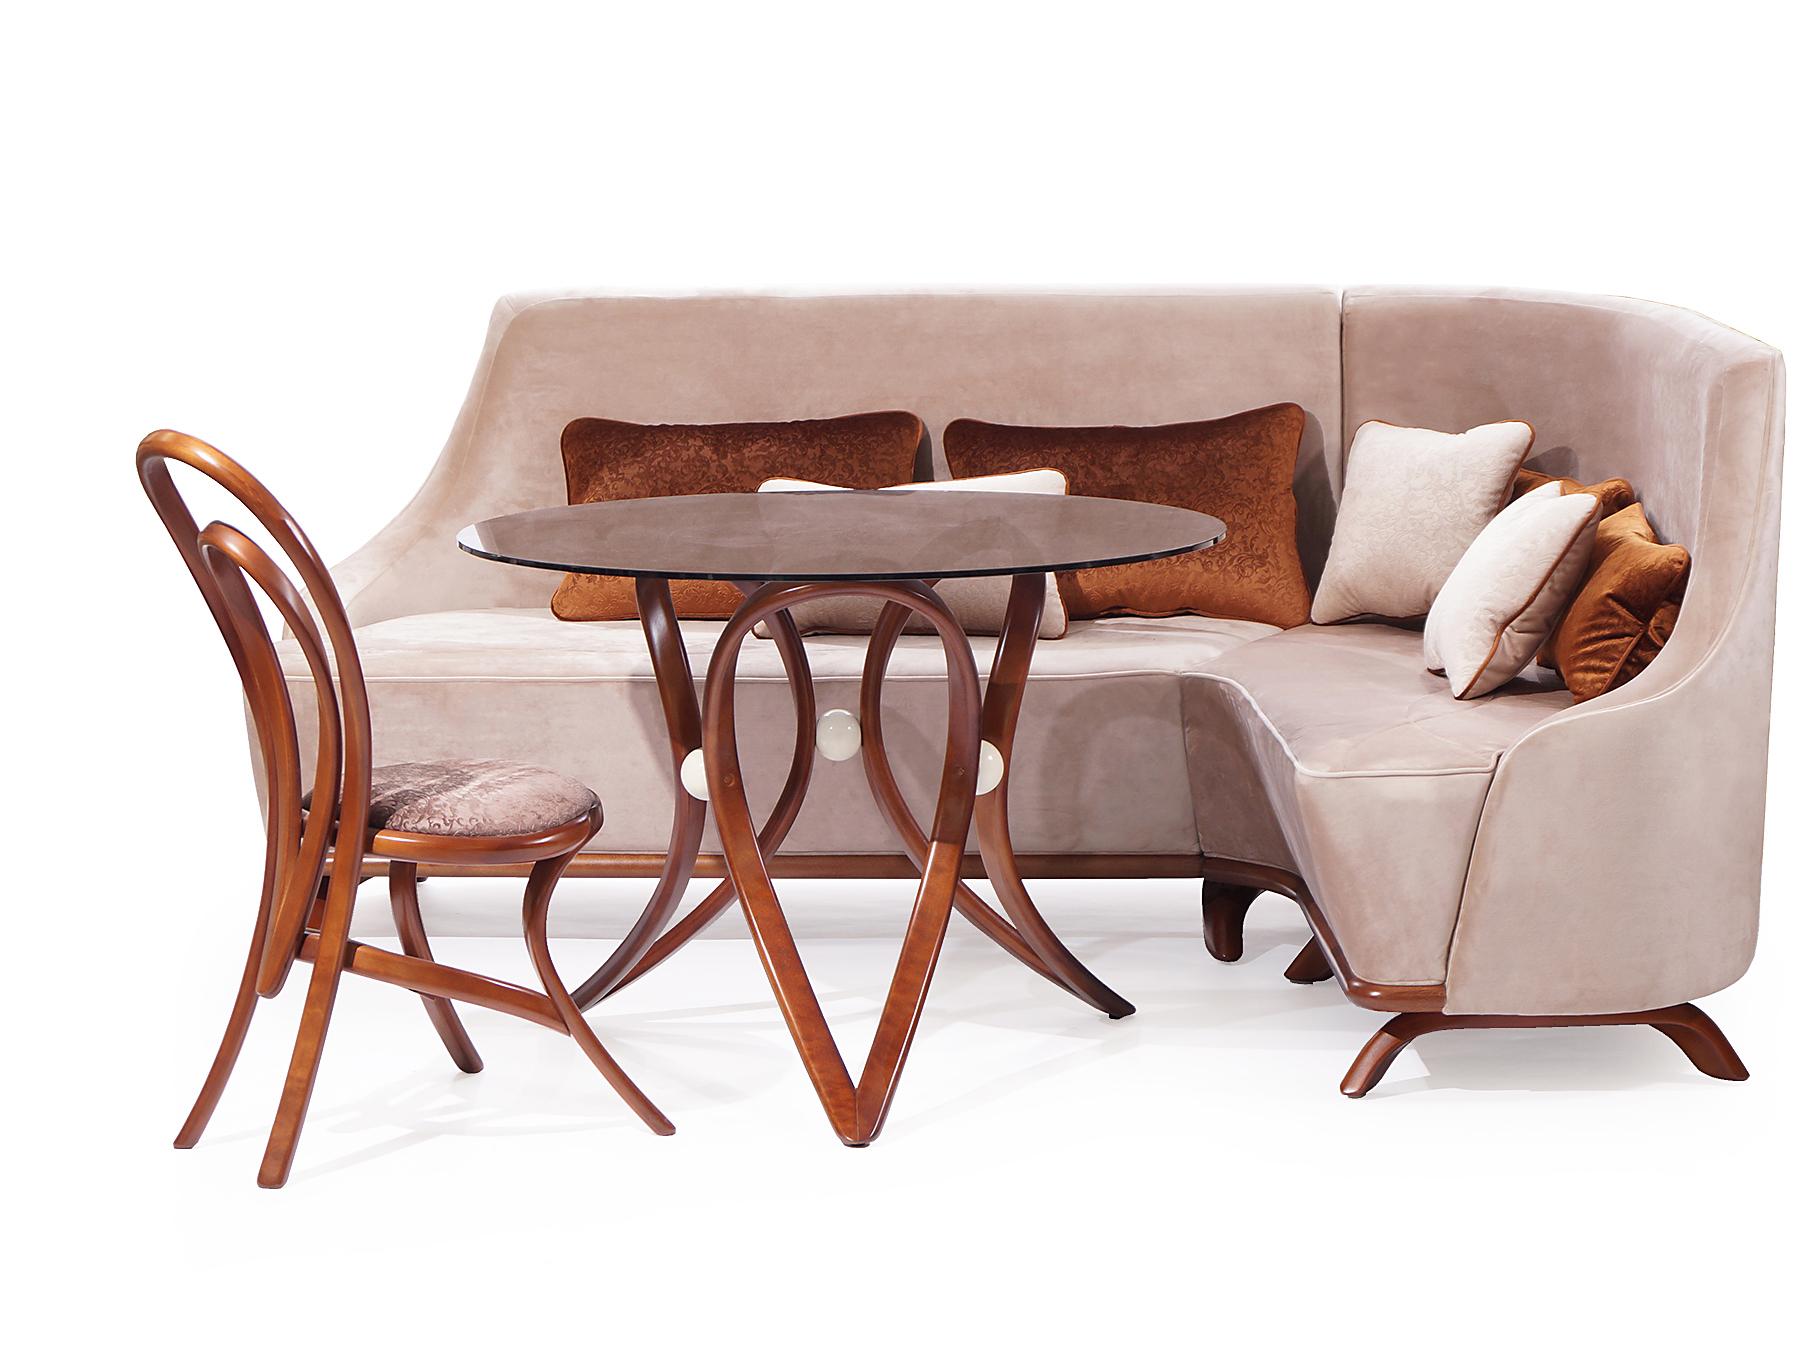 Диван Априори МТрехместные диваны<br>Небольшой угловой  диванчик ,хорошо сочетается в комплекте со столами и стульями коллекции априори. Есть модификации увеличенных размеров.<br><br>Material: Текстиль<br>Length см: None<br>Width см: 210<br>Depth см: 140<br>Height см: 95